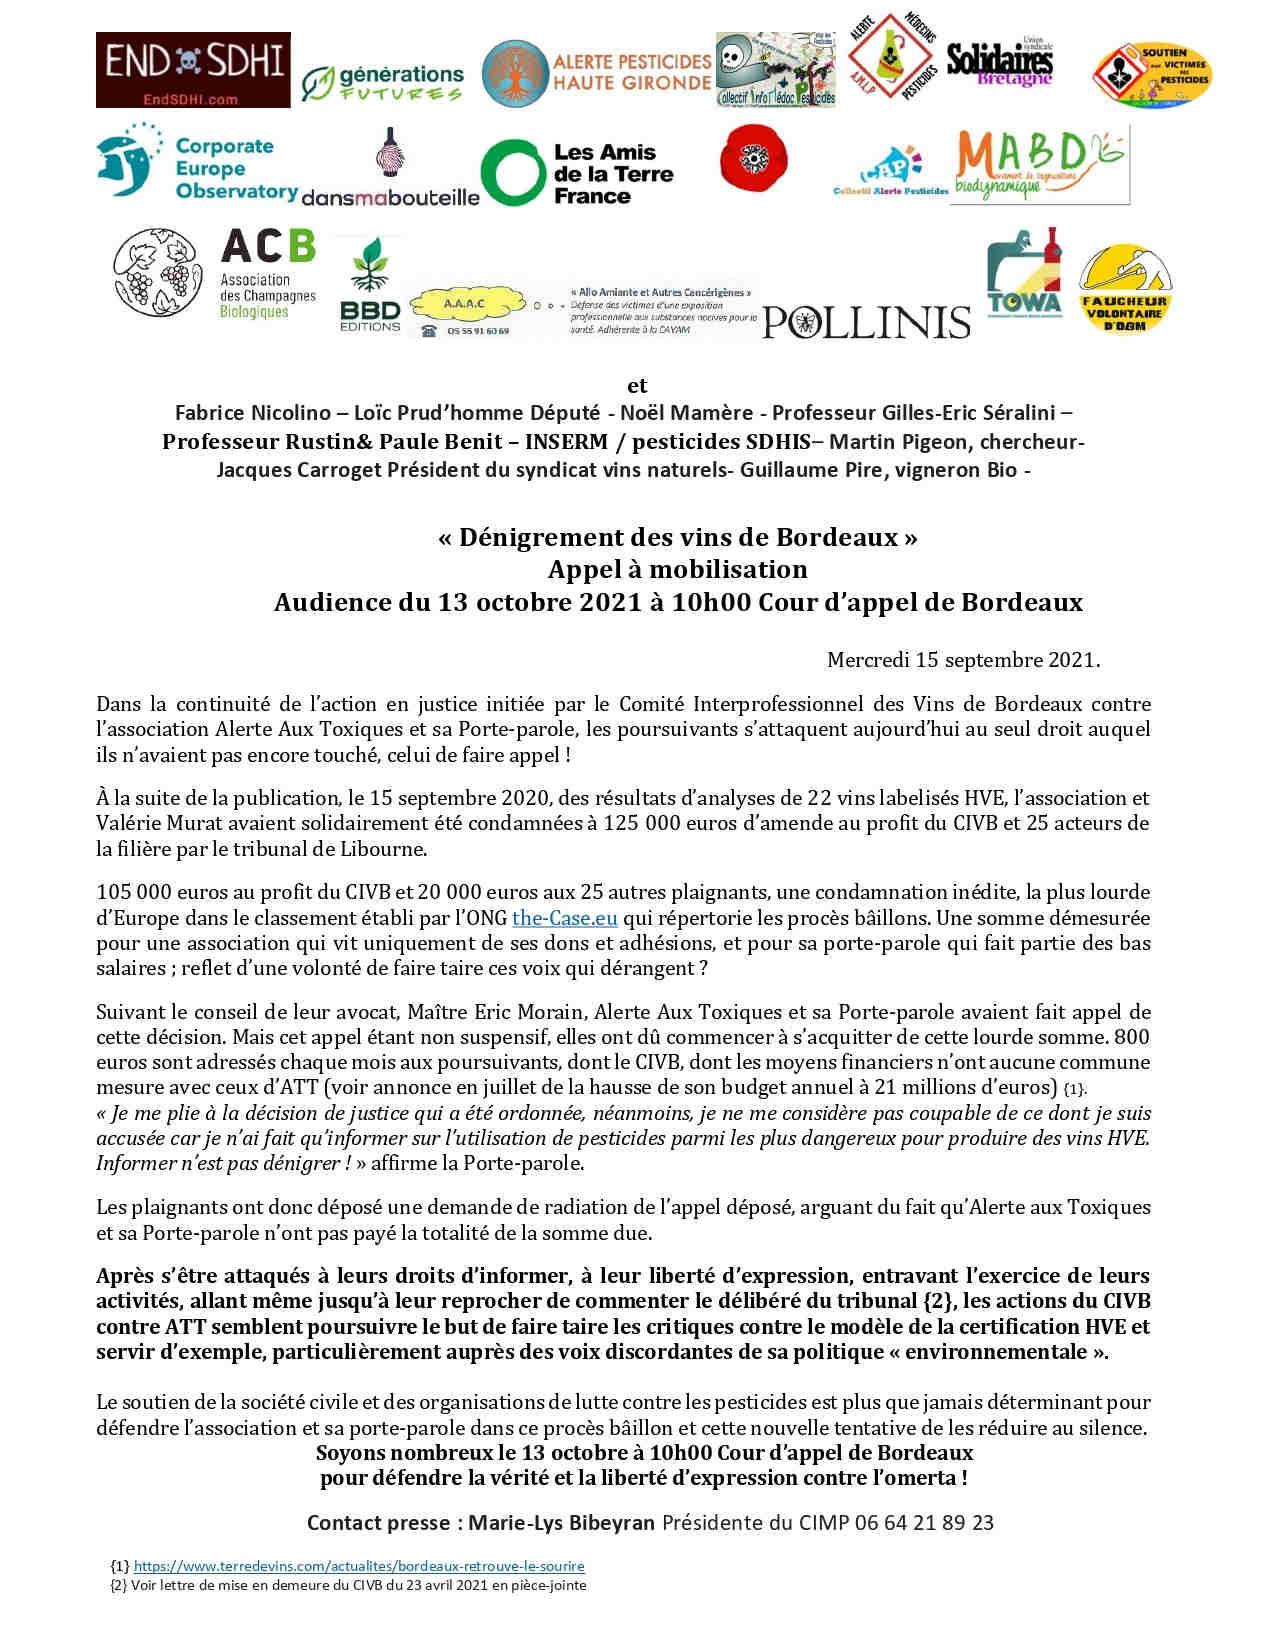 Mobilisation le 13 octobre 2021 à Bordeaux